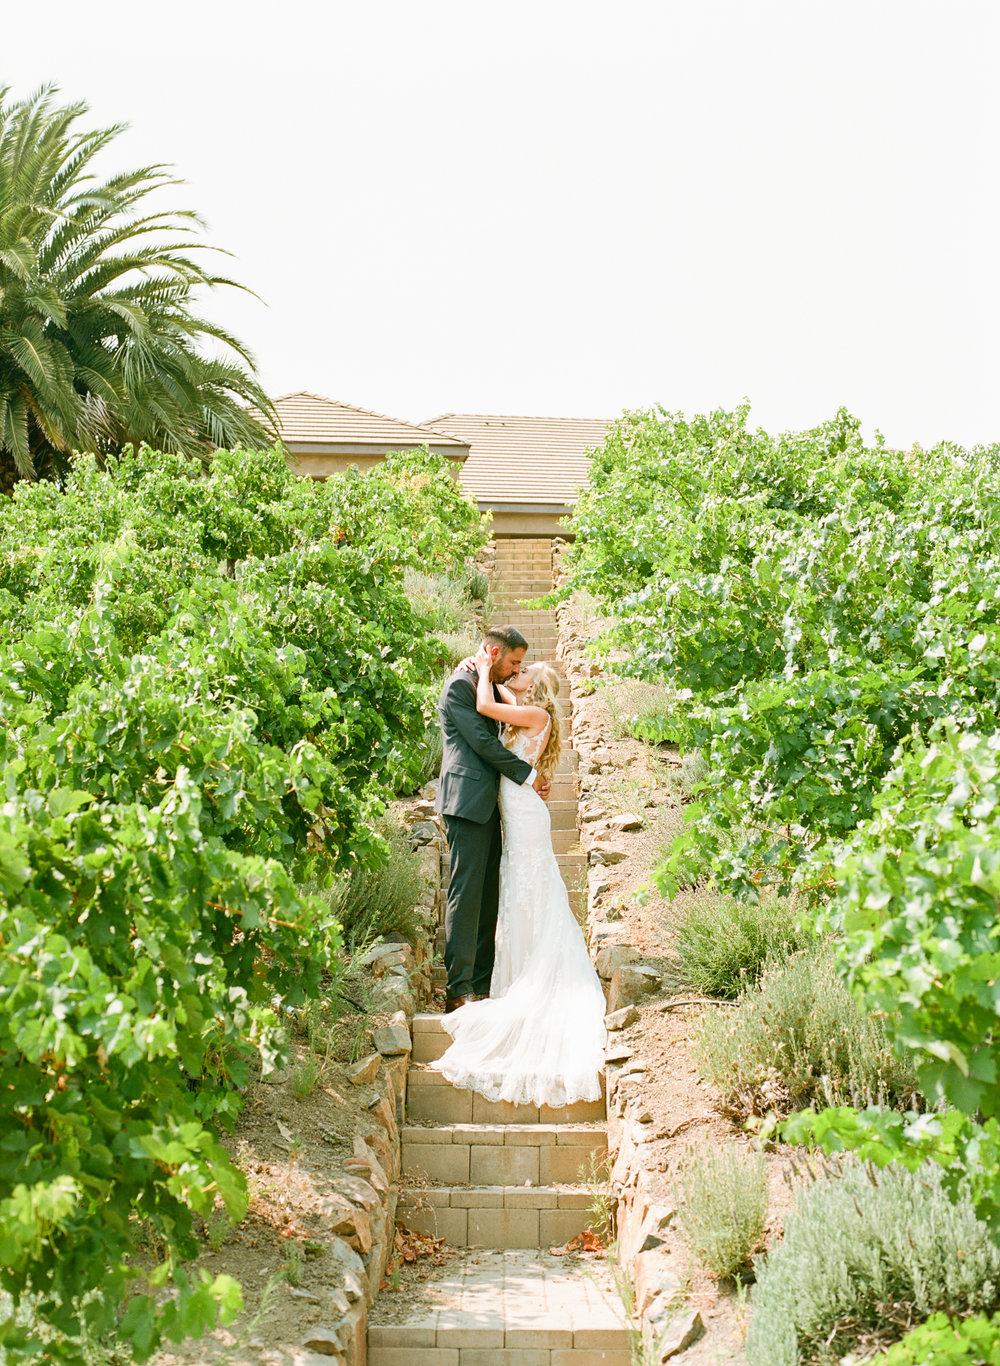 dennisroycoronel_ashleyanthony_vanessahudgens_austinbutler_wedding_losangeles_photographer-94.jpg